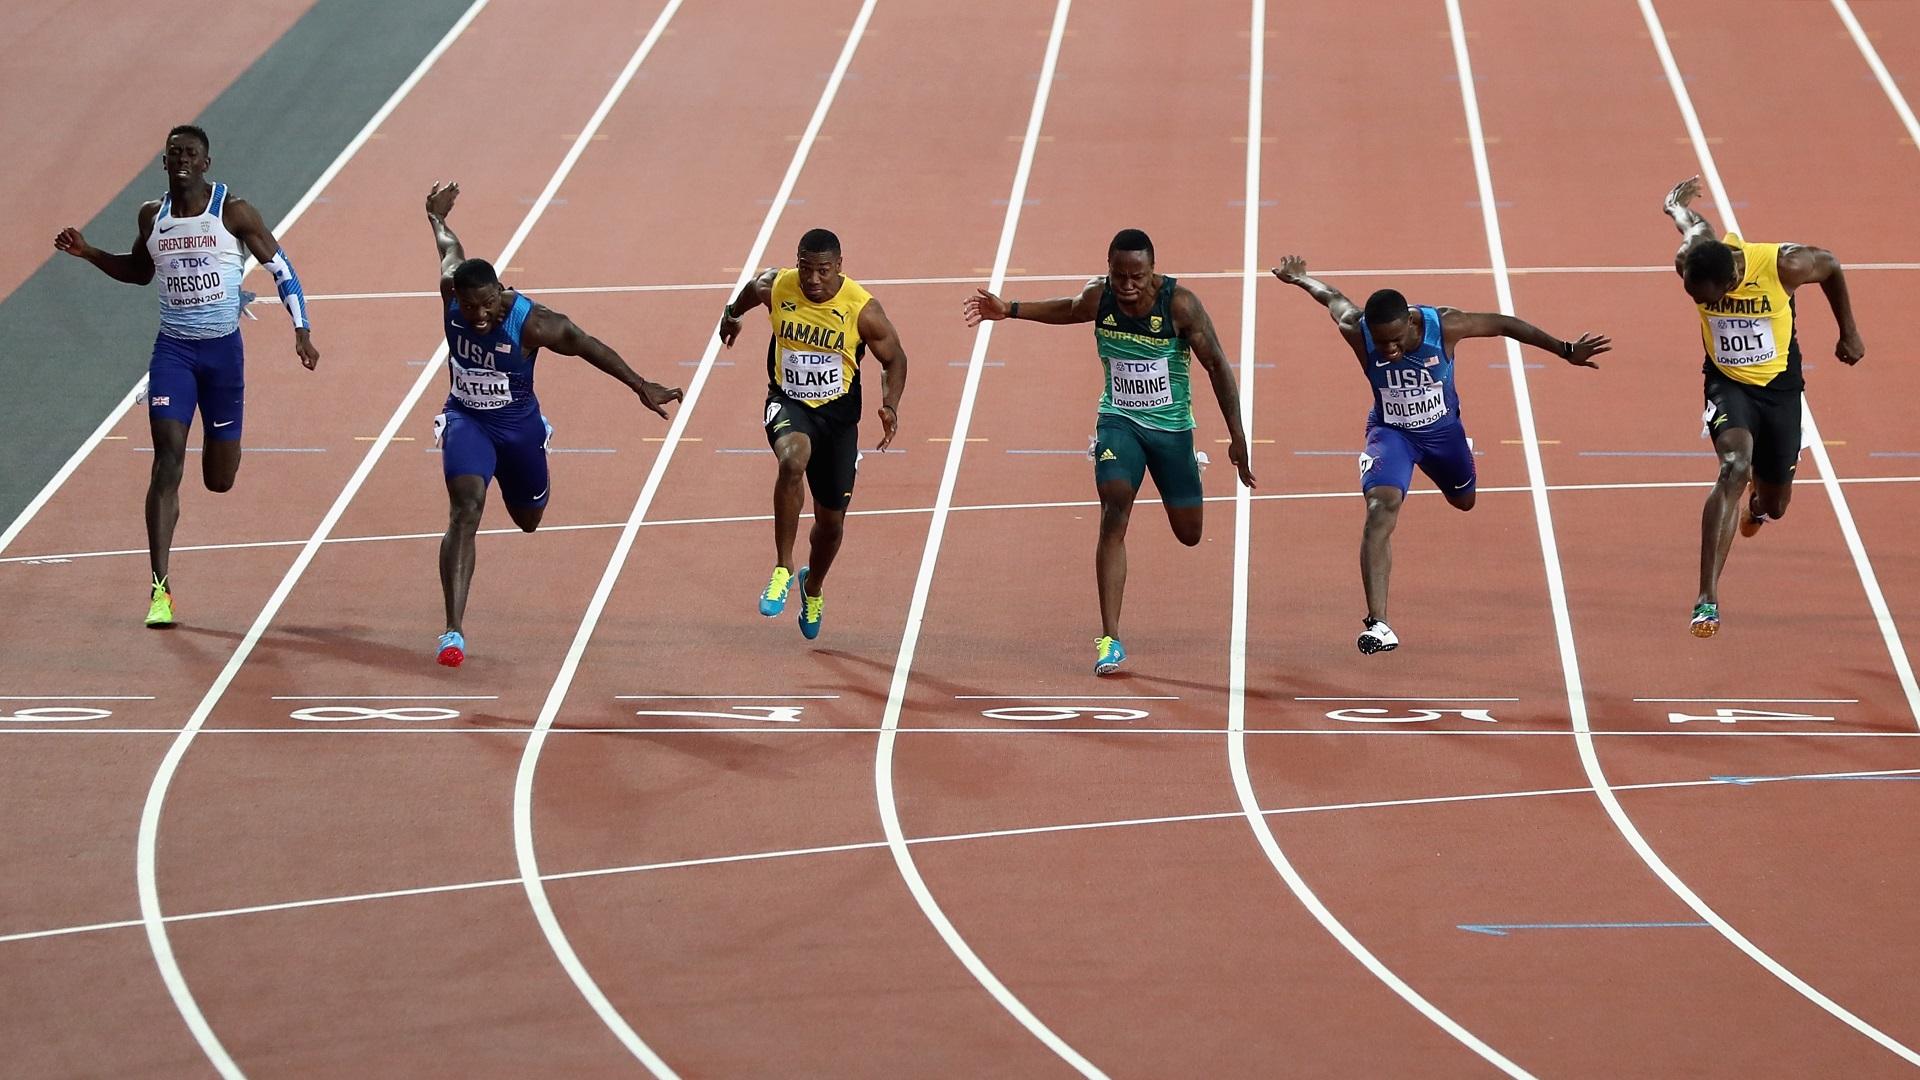 La apretada definición: Bolt quedó tercero detrás de Gatlin y Coleman